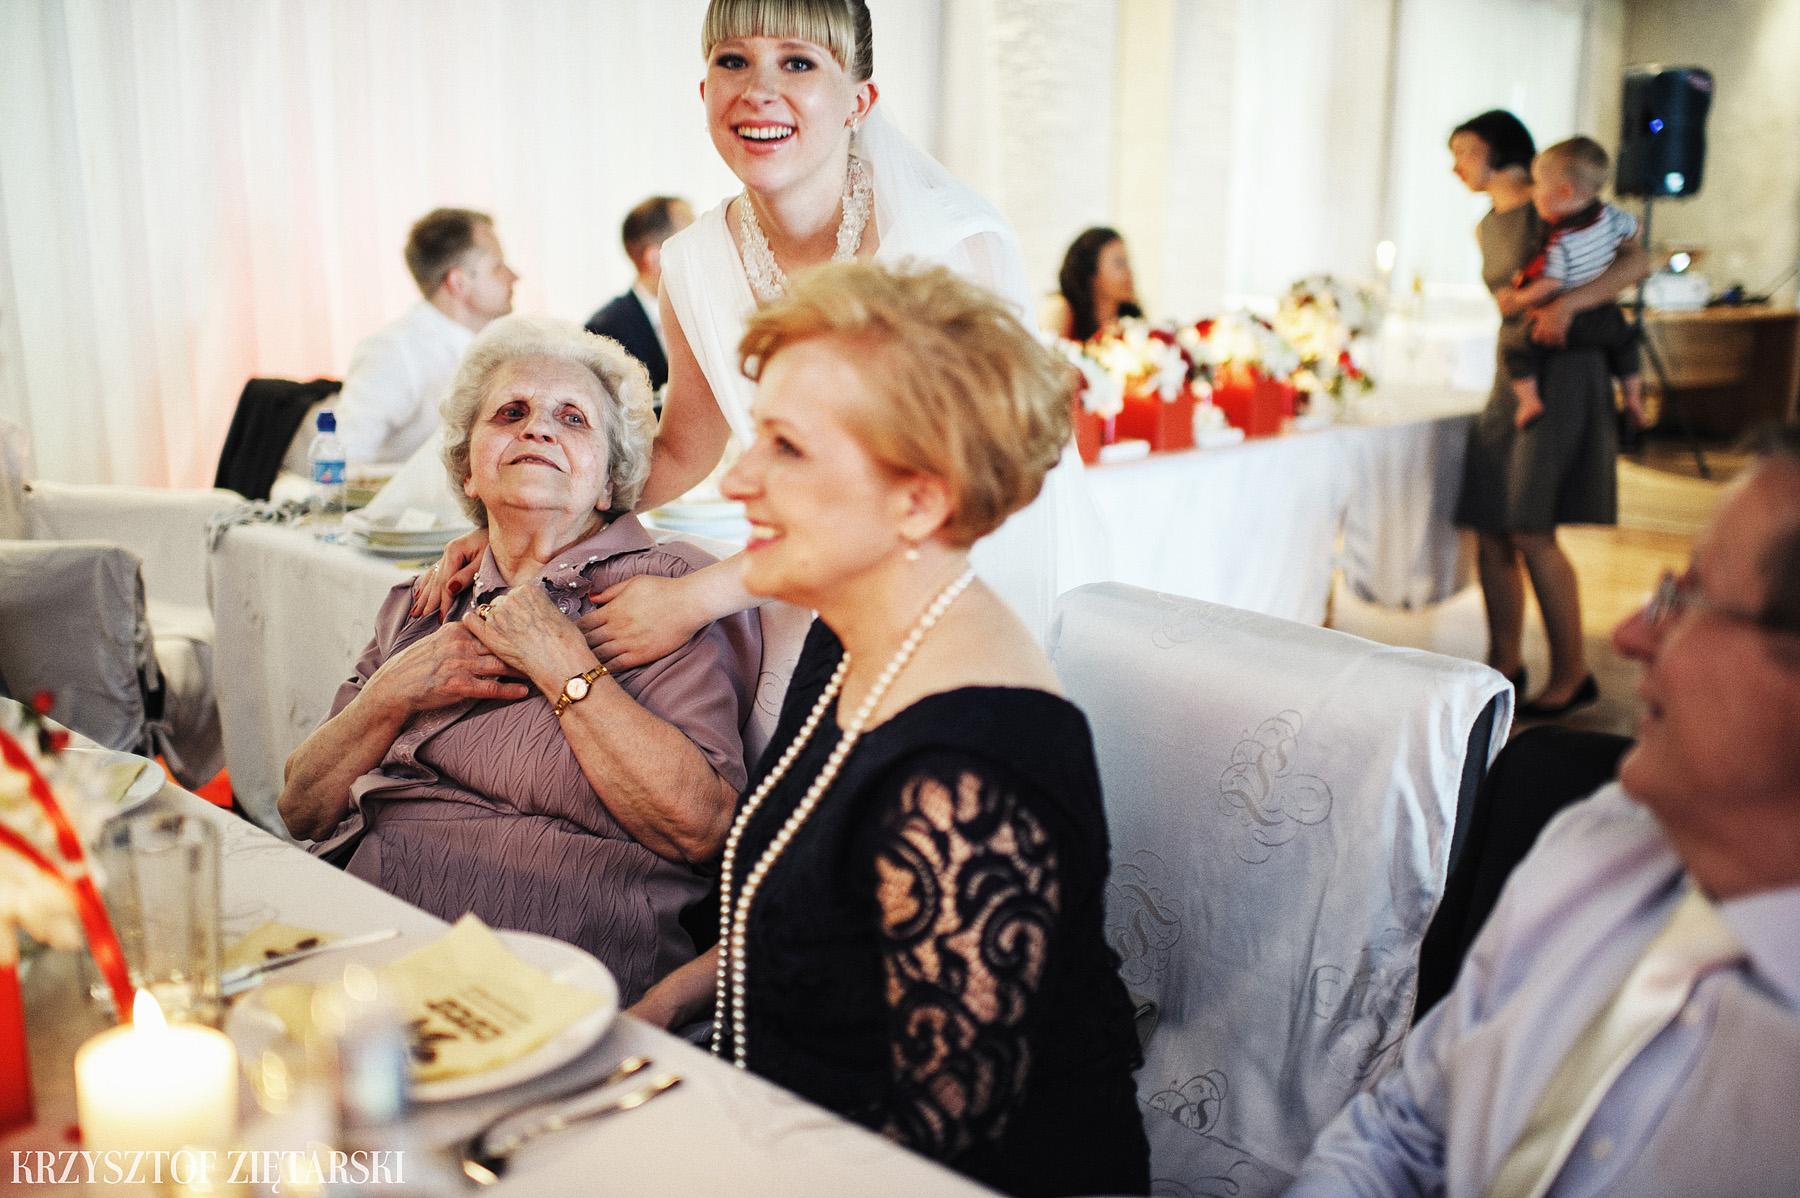 Ola i Grzegorz - Fotografia ślubna Gdynia, Kolegiata NMP, wesele restauracja COCO, plener na Darze Pomorza - 42.